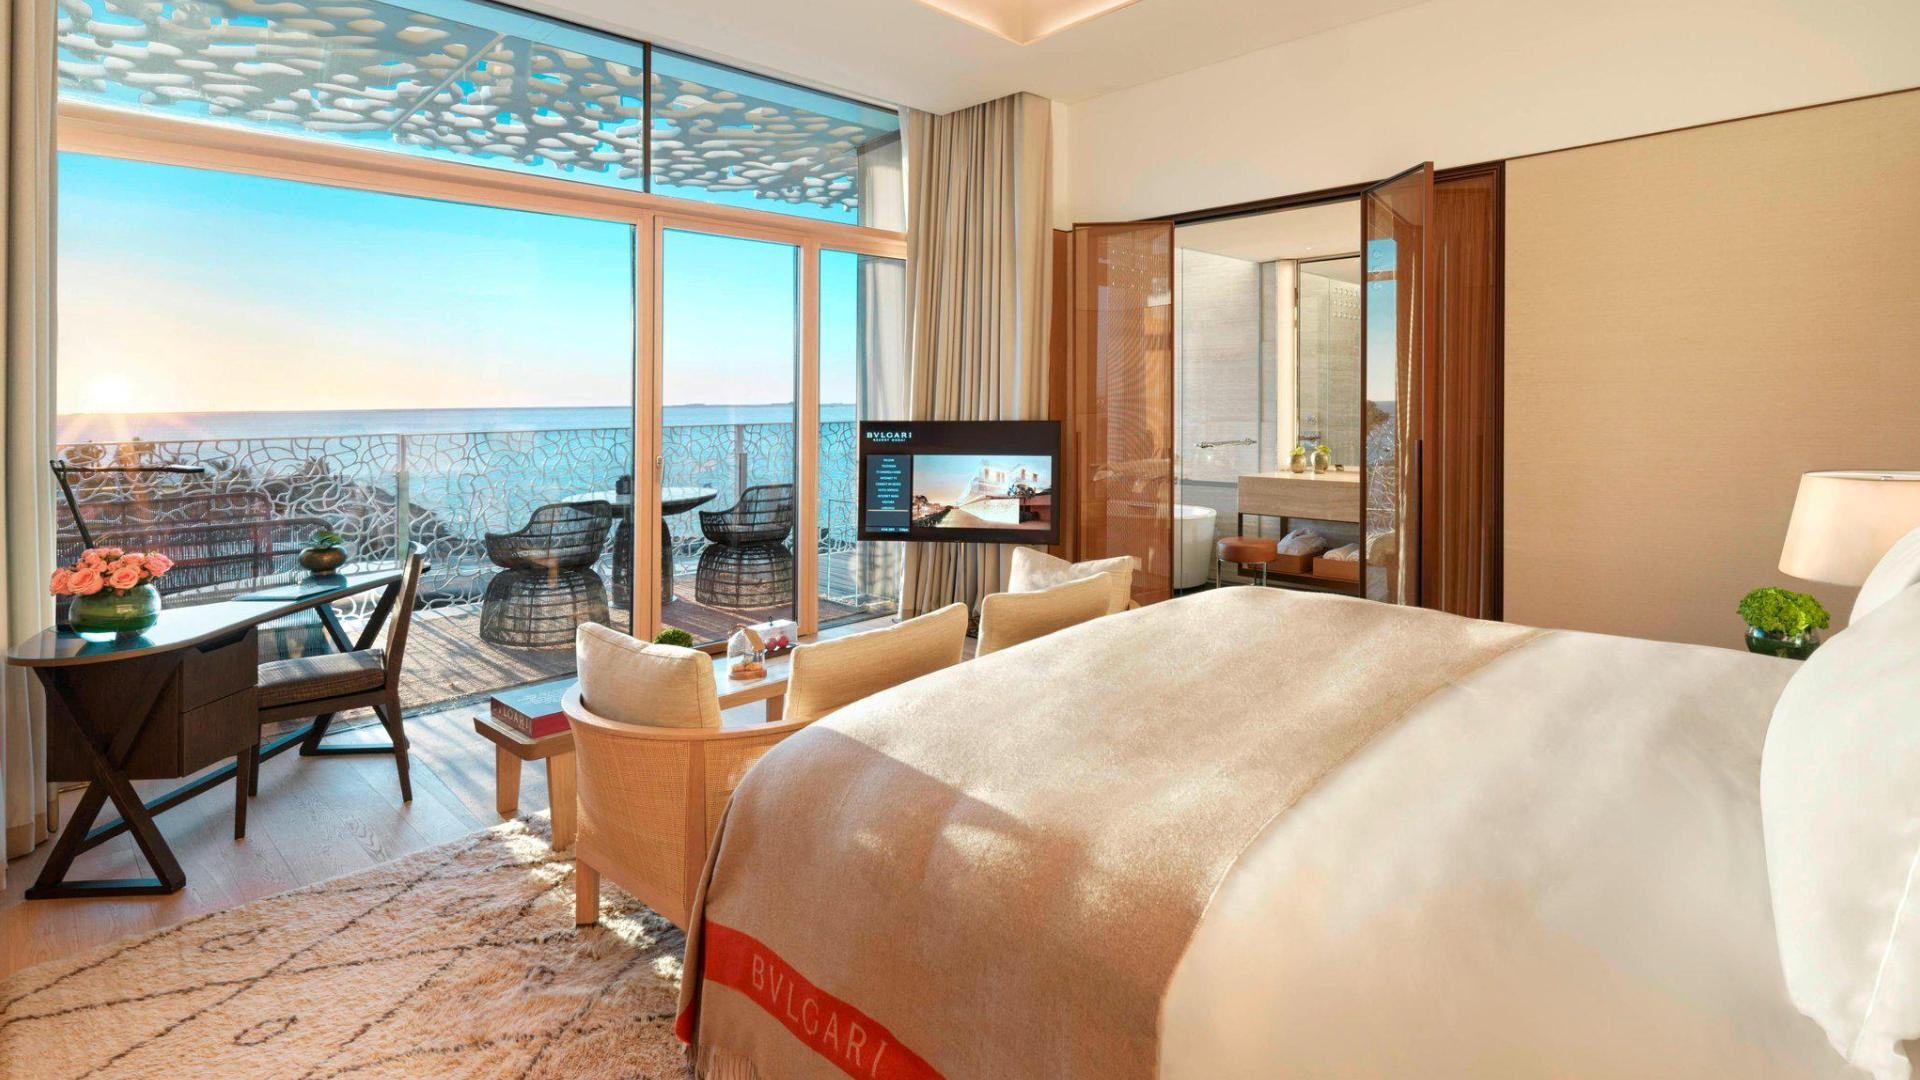 Villa en venta en Dubai, EAU, 4 dormitorios, 657 m2, № 24280 – foto 2